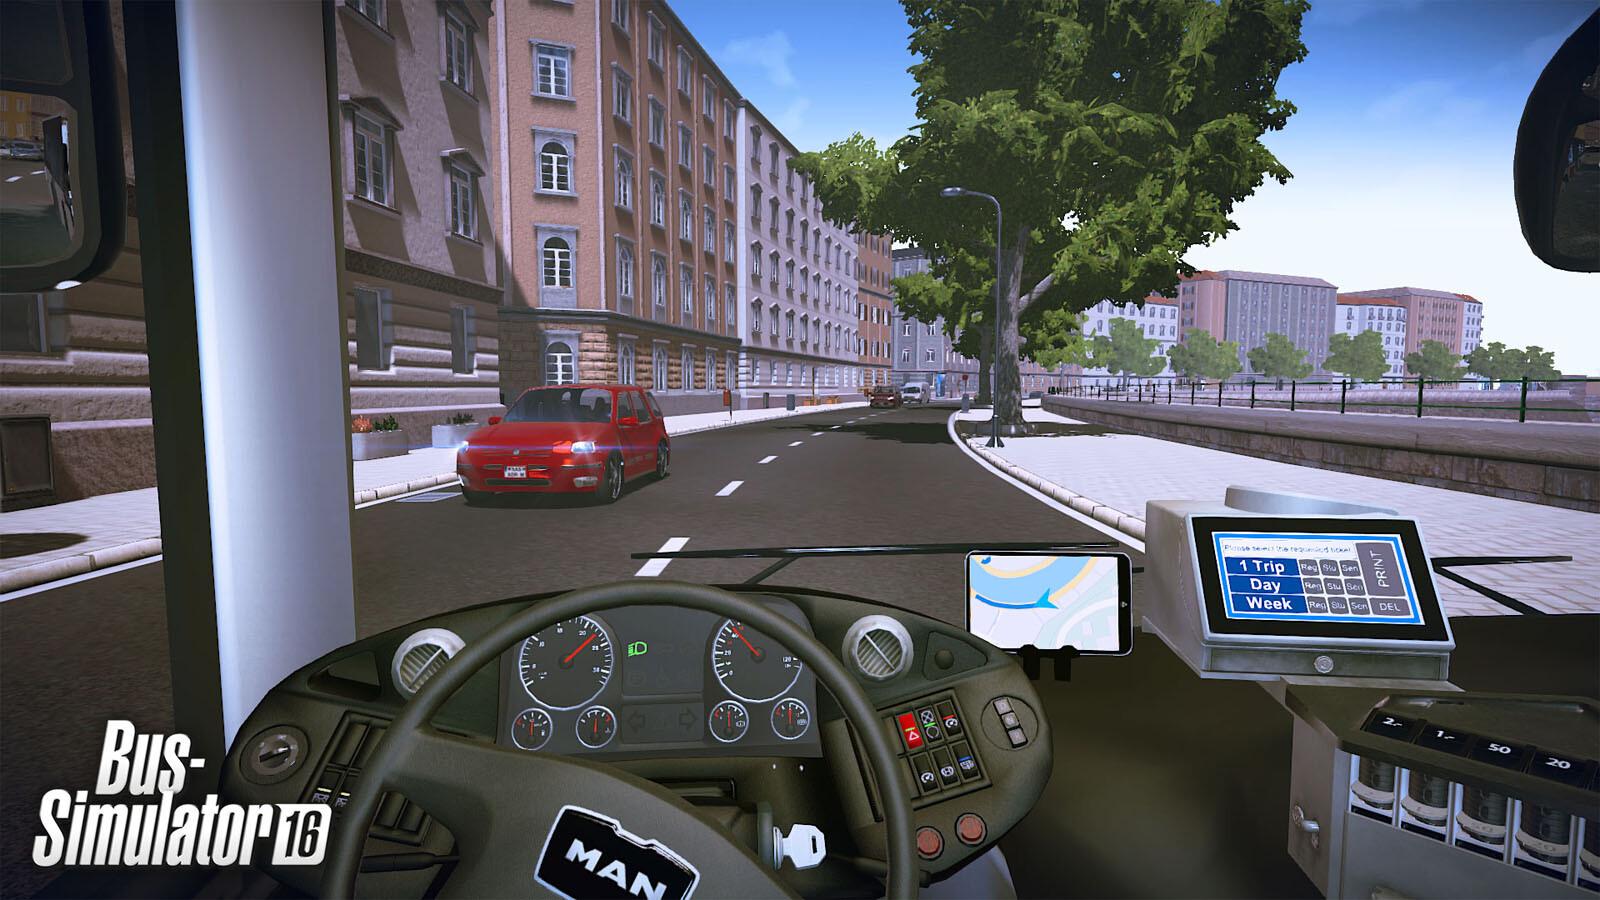 Car Driving School Simulator Games